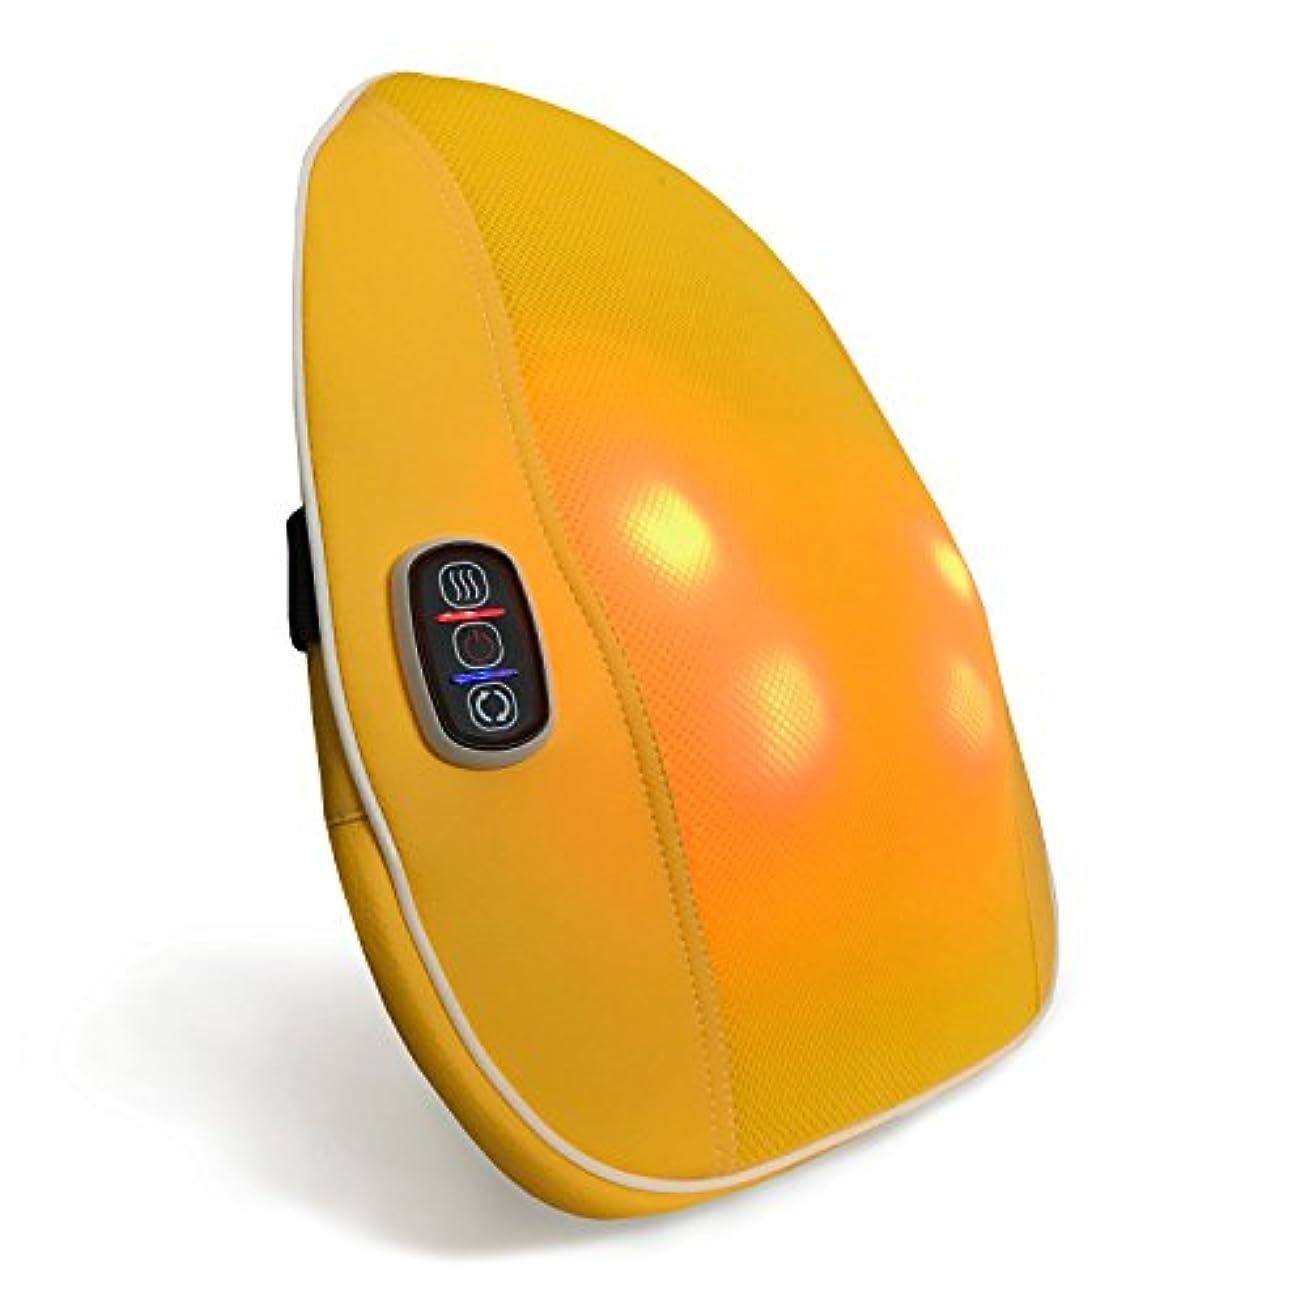 銛熱心ピットクロシオ スマートマッサージャー パプリカ イエロー 幅40cm 厚み9cm もみ玉式マッサージ器 薄型 簡単操作 マッサージクッション